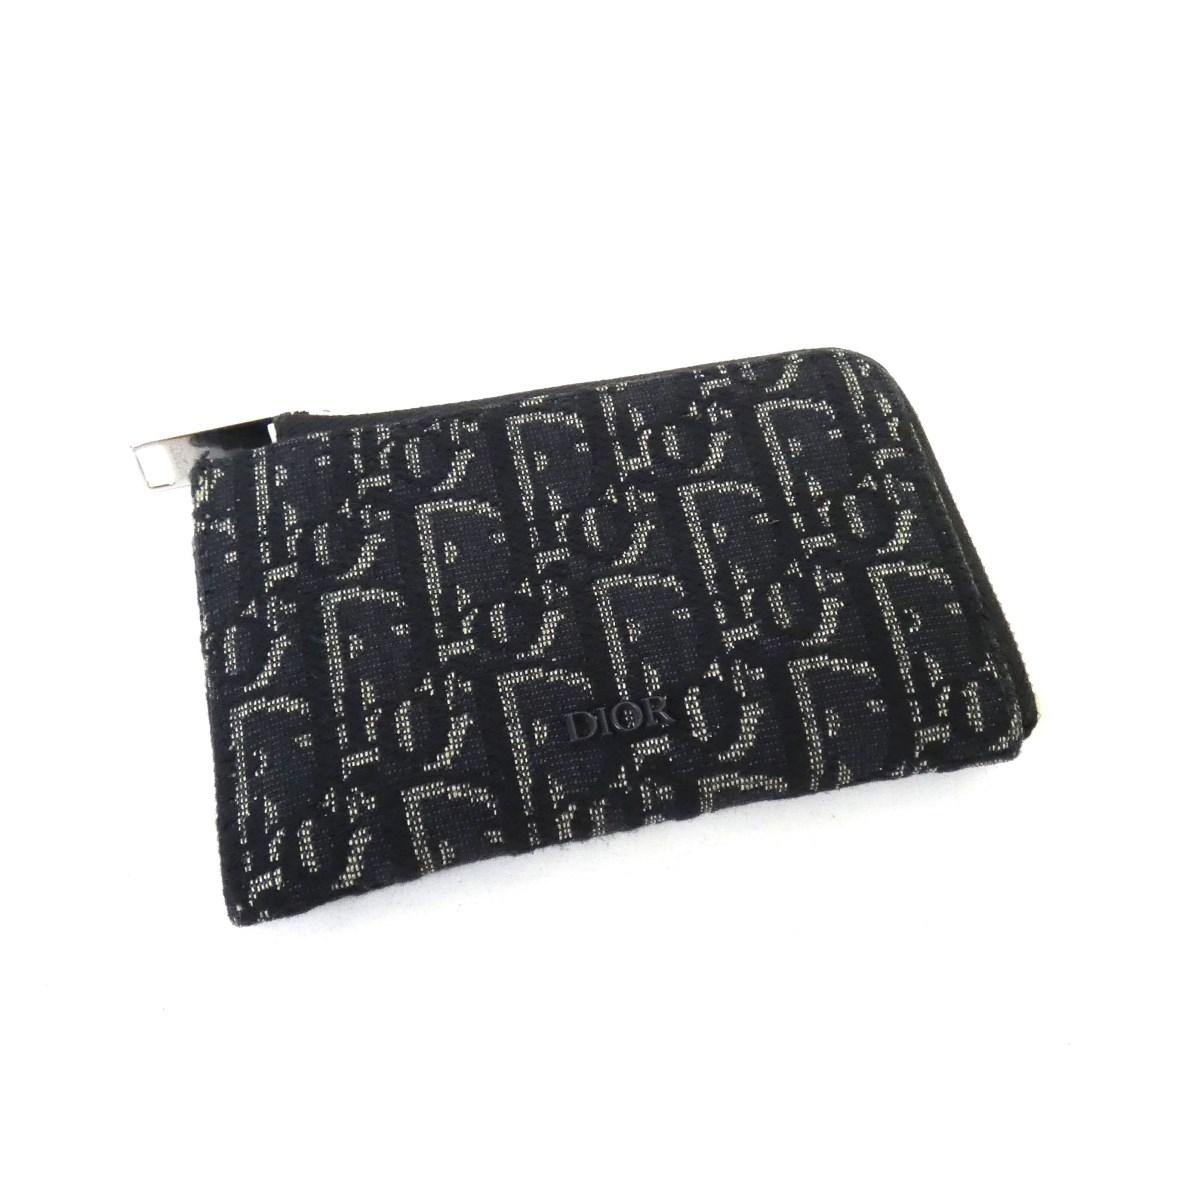 【中古】Dior 「Dior 0blique」 ジャガードジップコインケース 24-B0-0169 ブラック サイズ:- 【280720】(ディオール)